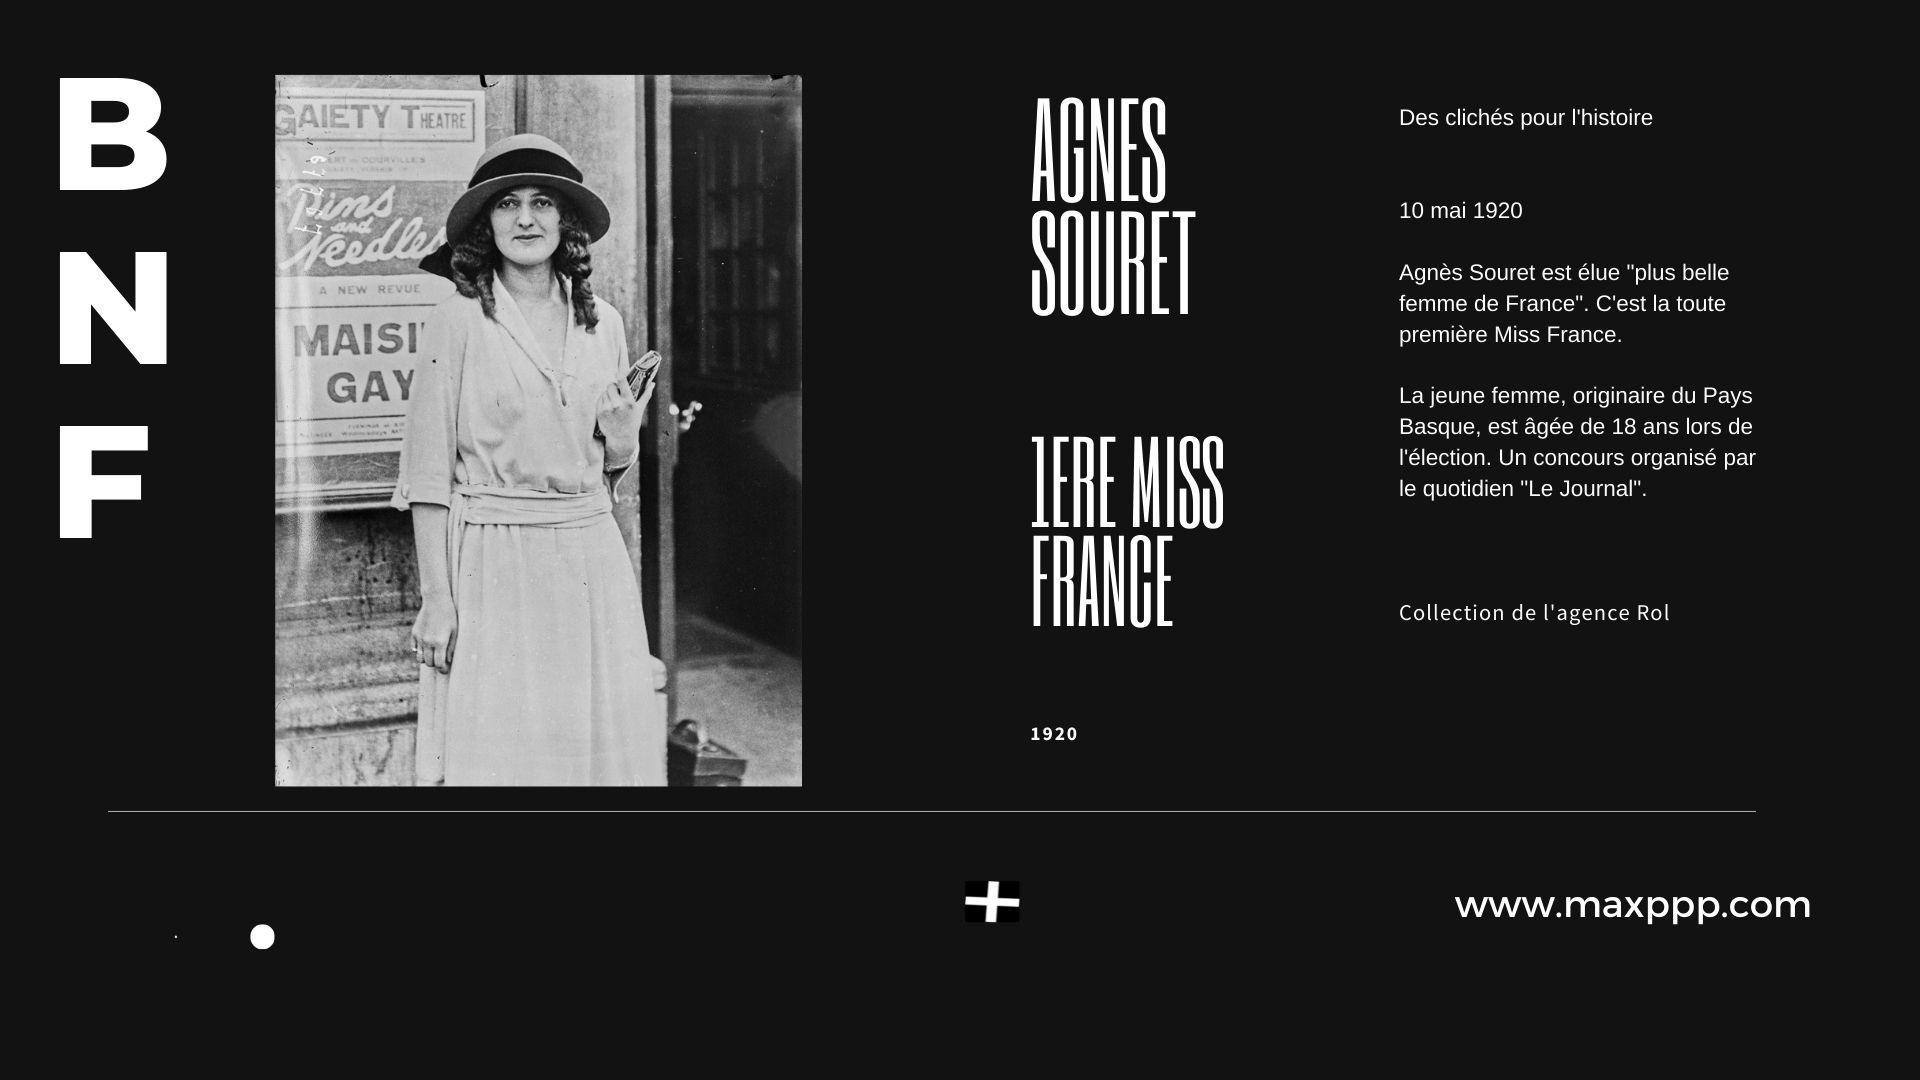 Agnès Souret